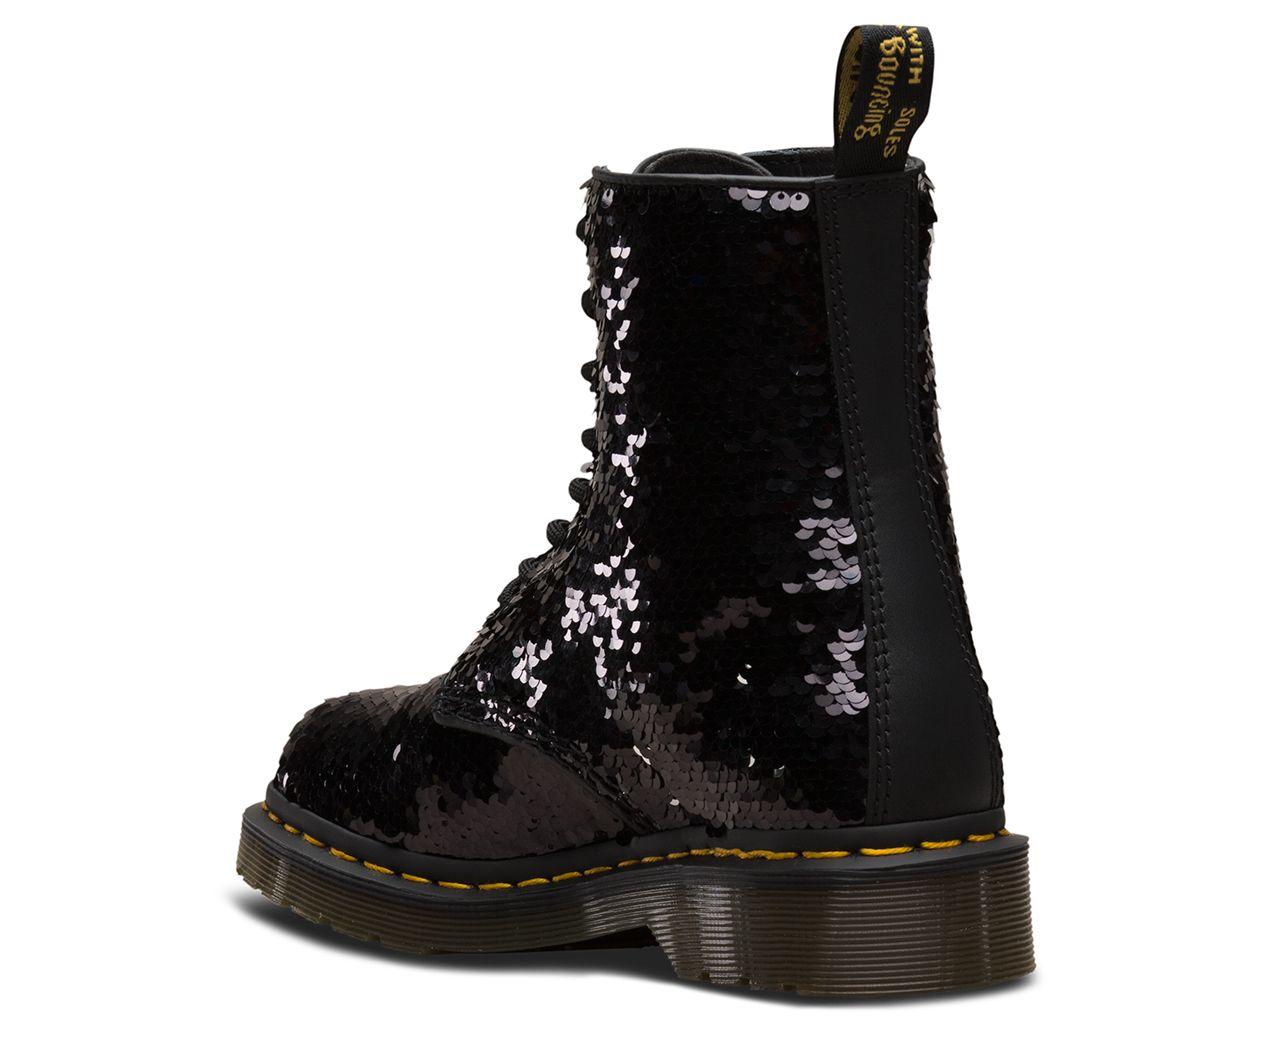 Dr martens 1460 pascal sequin | Boots, Rubber rain boots, Shoes